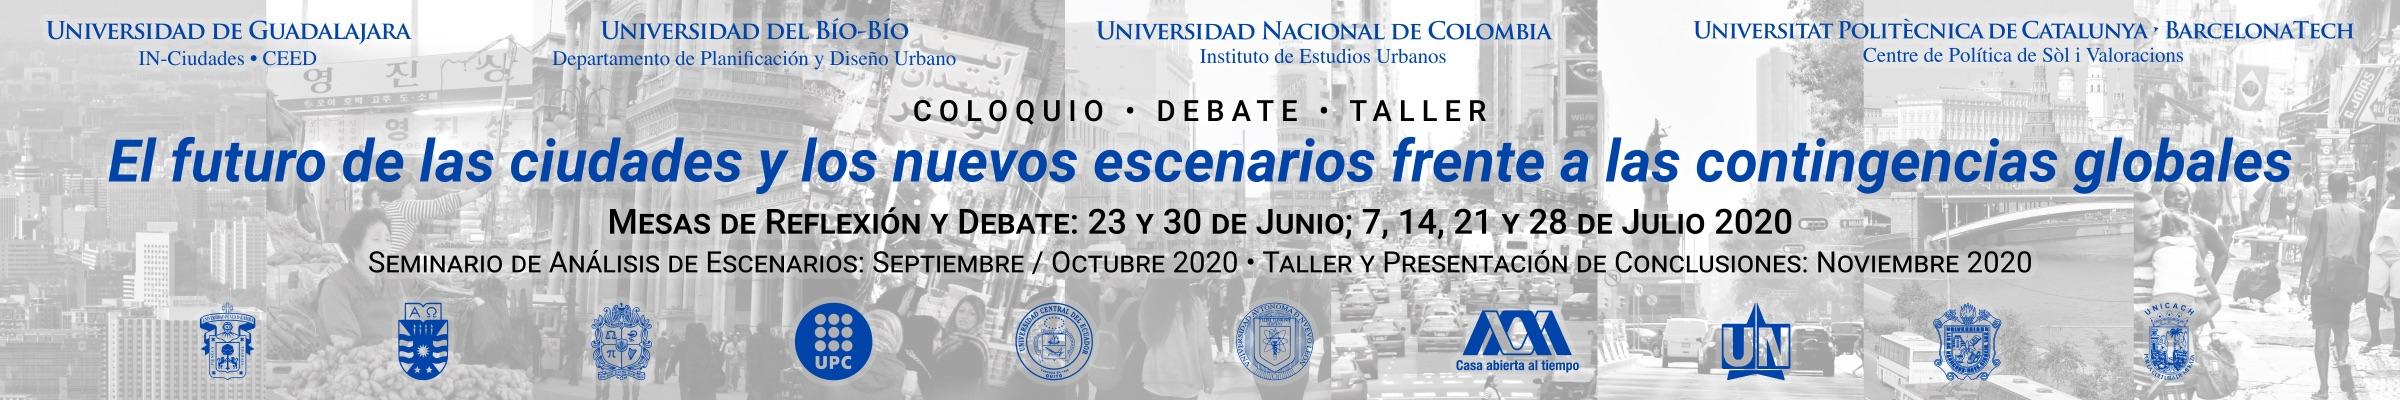 Coloquio • Debate • Taller El futuro de las ciudades y los nuevos escenarios frente a las contingencias globales